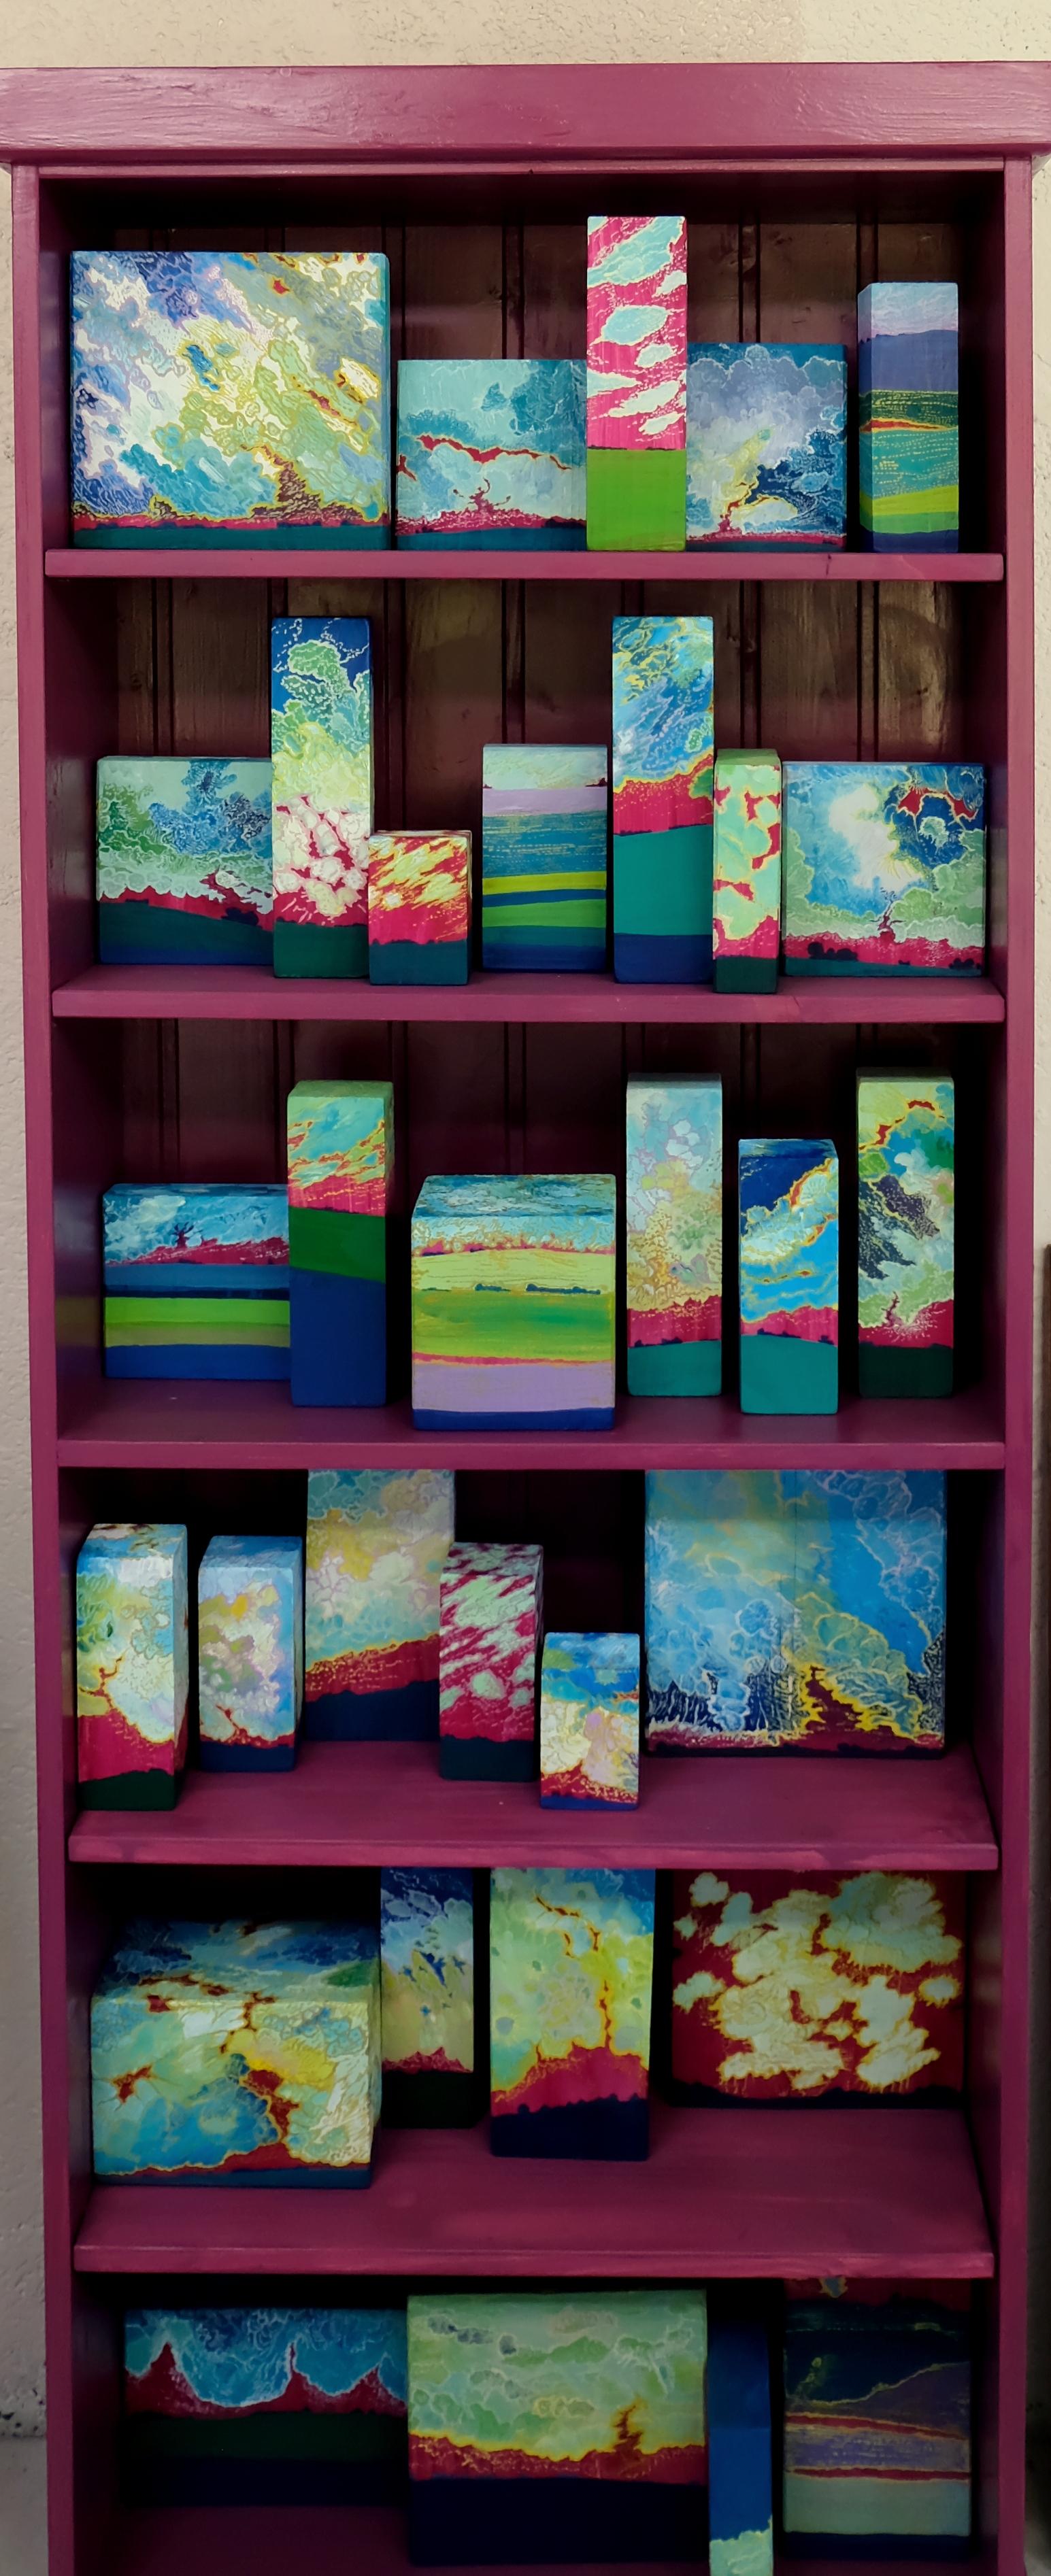 La Géothèque Installation Peinture Acrylique Sur Bois 2018